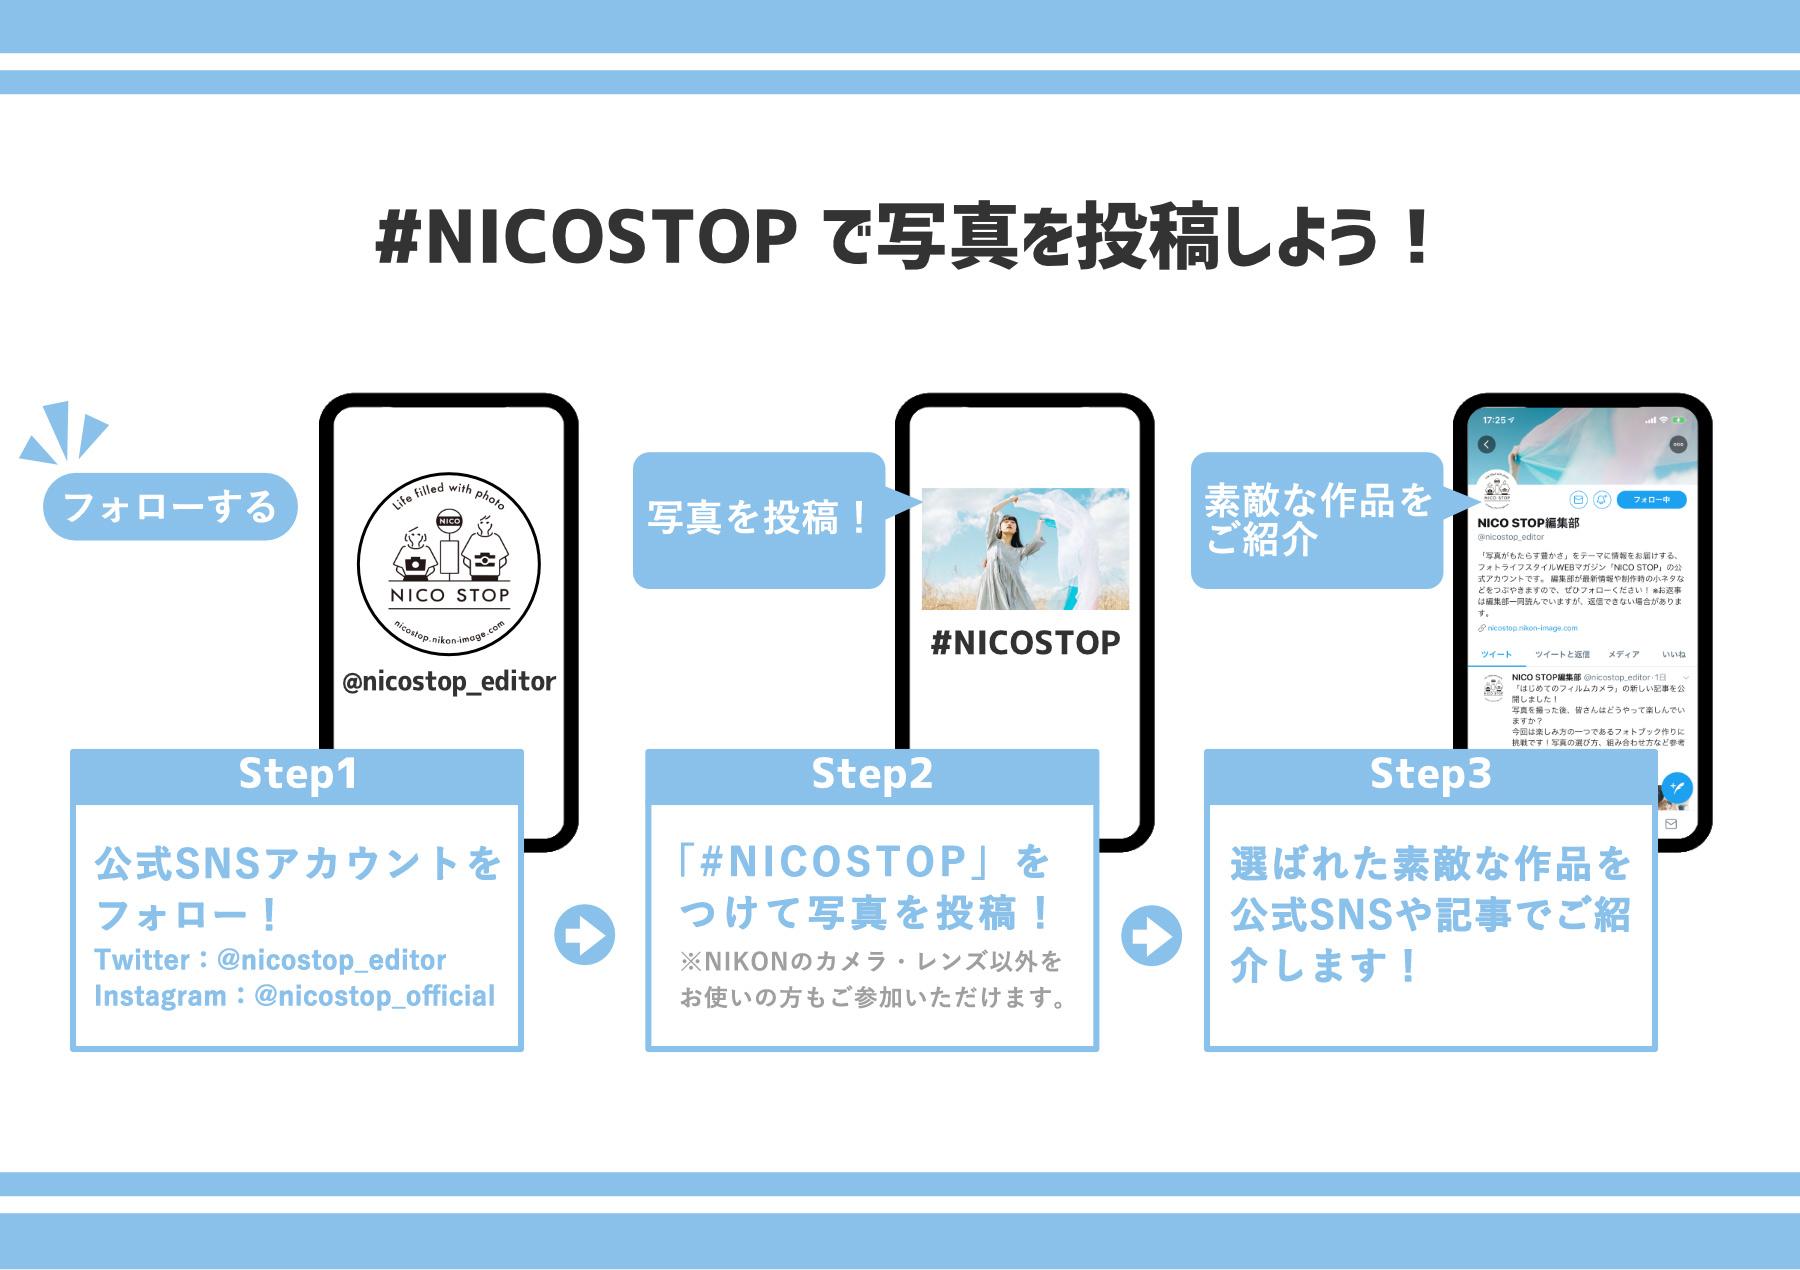 f:id:nicostop:20201023133001j:plain